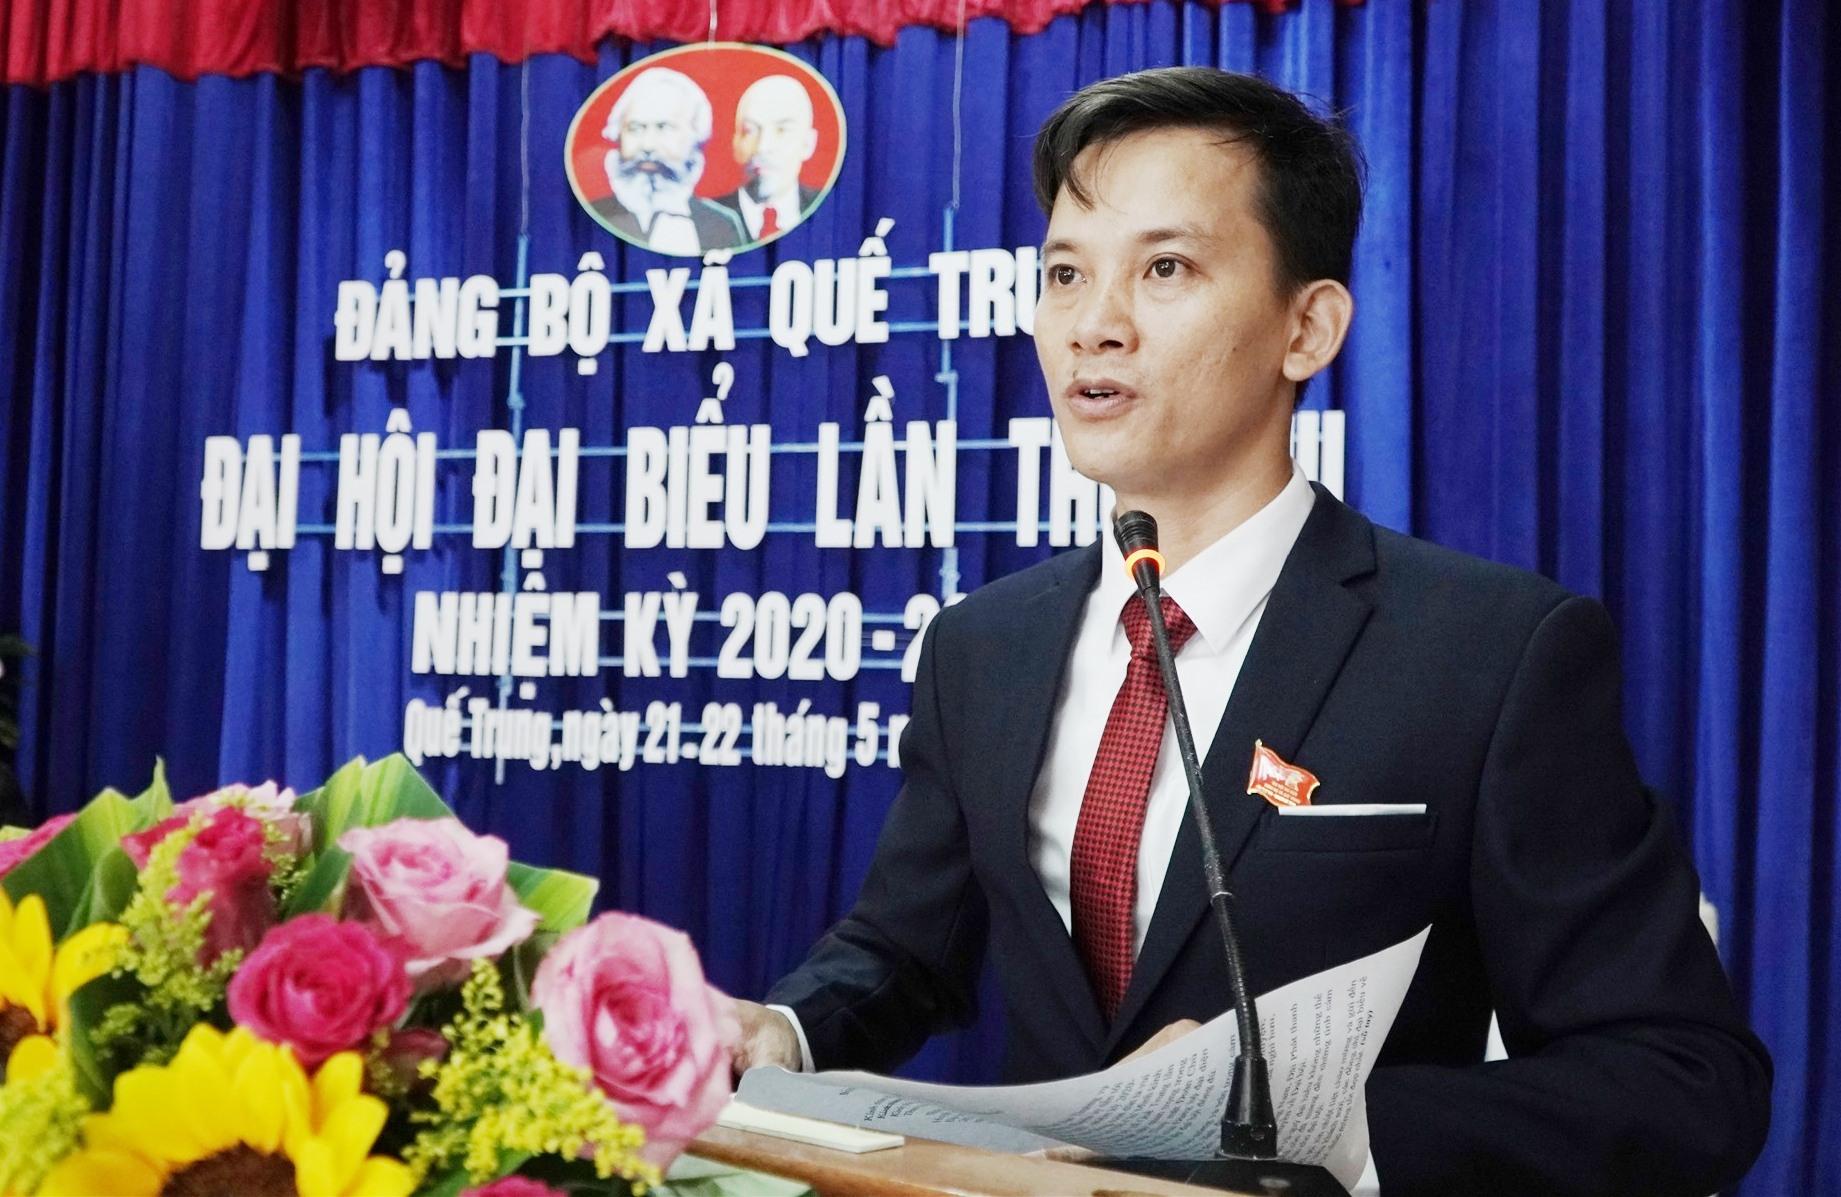 Ông Trà Tiến Tài tái đắc cử chức danh Bí thư Đảng ủy xã Quế Trung nhiệm kỳ 2020 - 2025. Ảnh: PHAN VINH